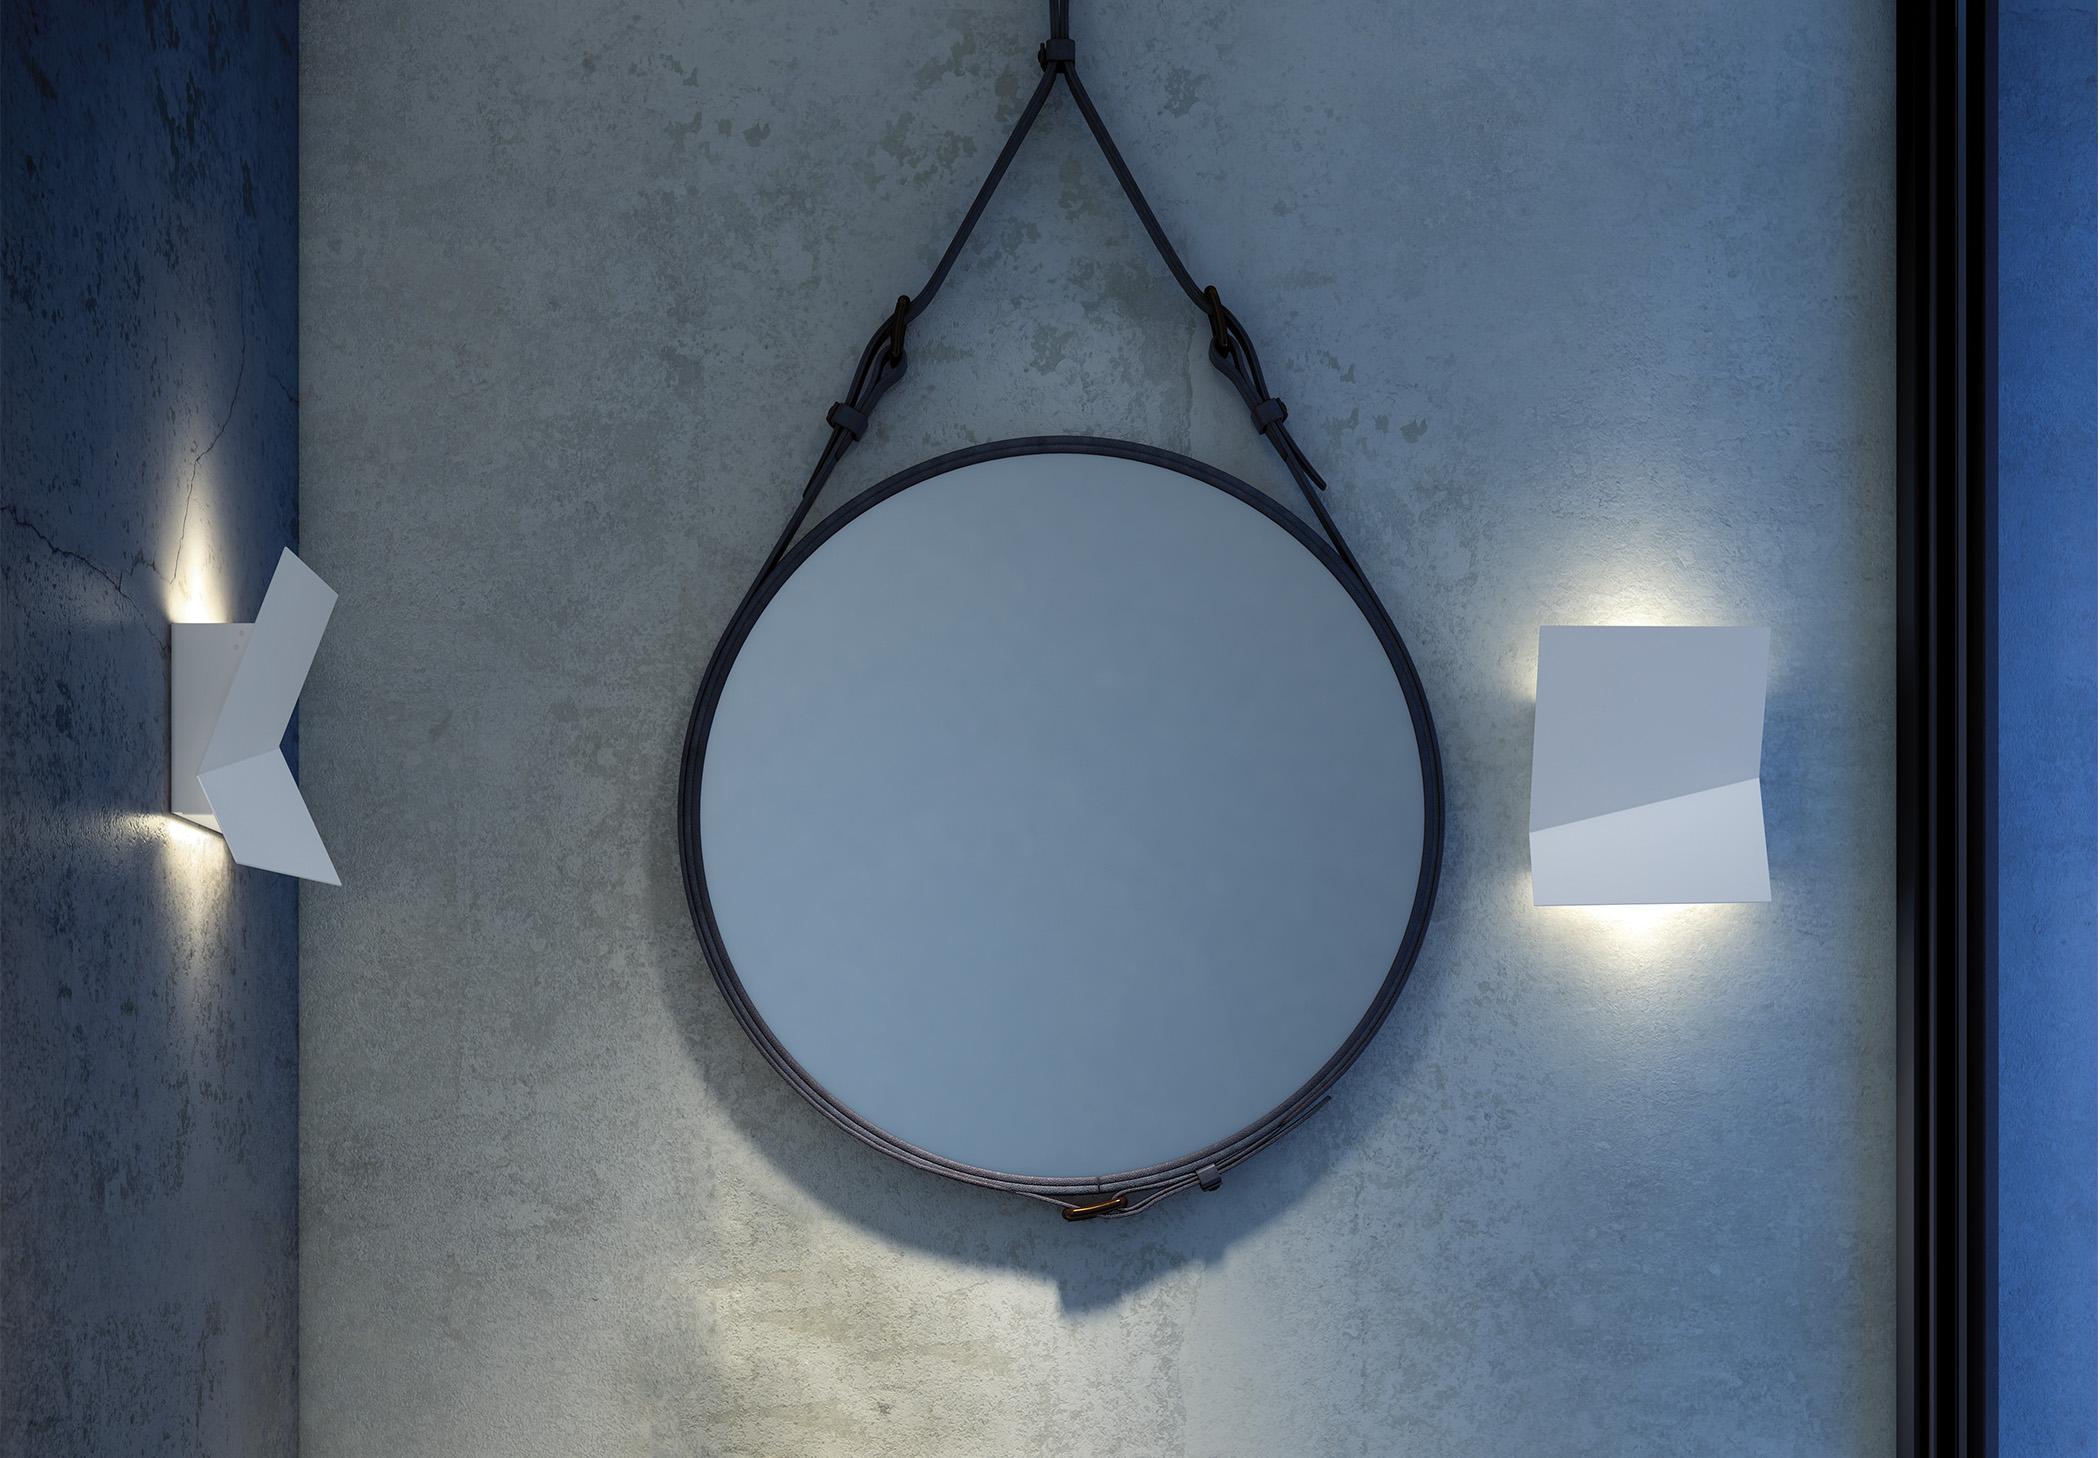 Piu A 3320l Wall Lamp Estiluz Image Ambient 01